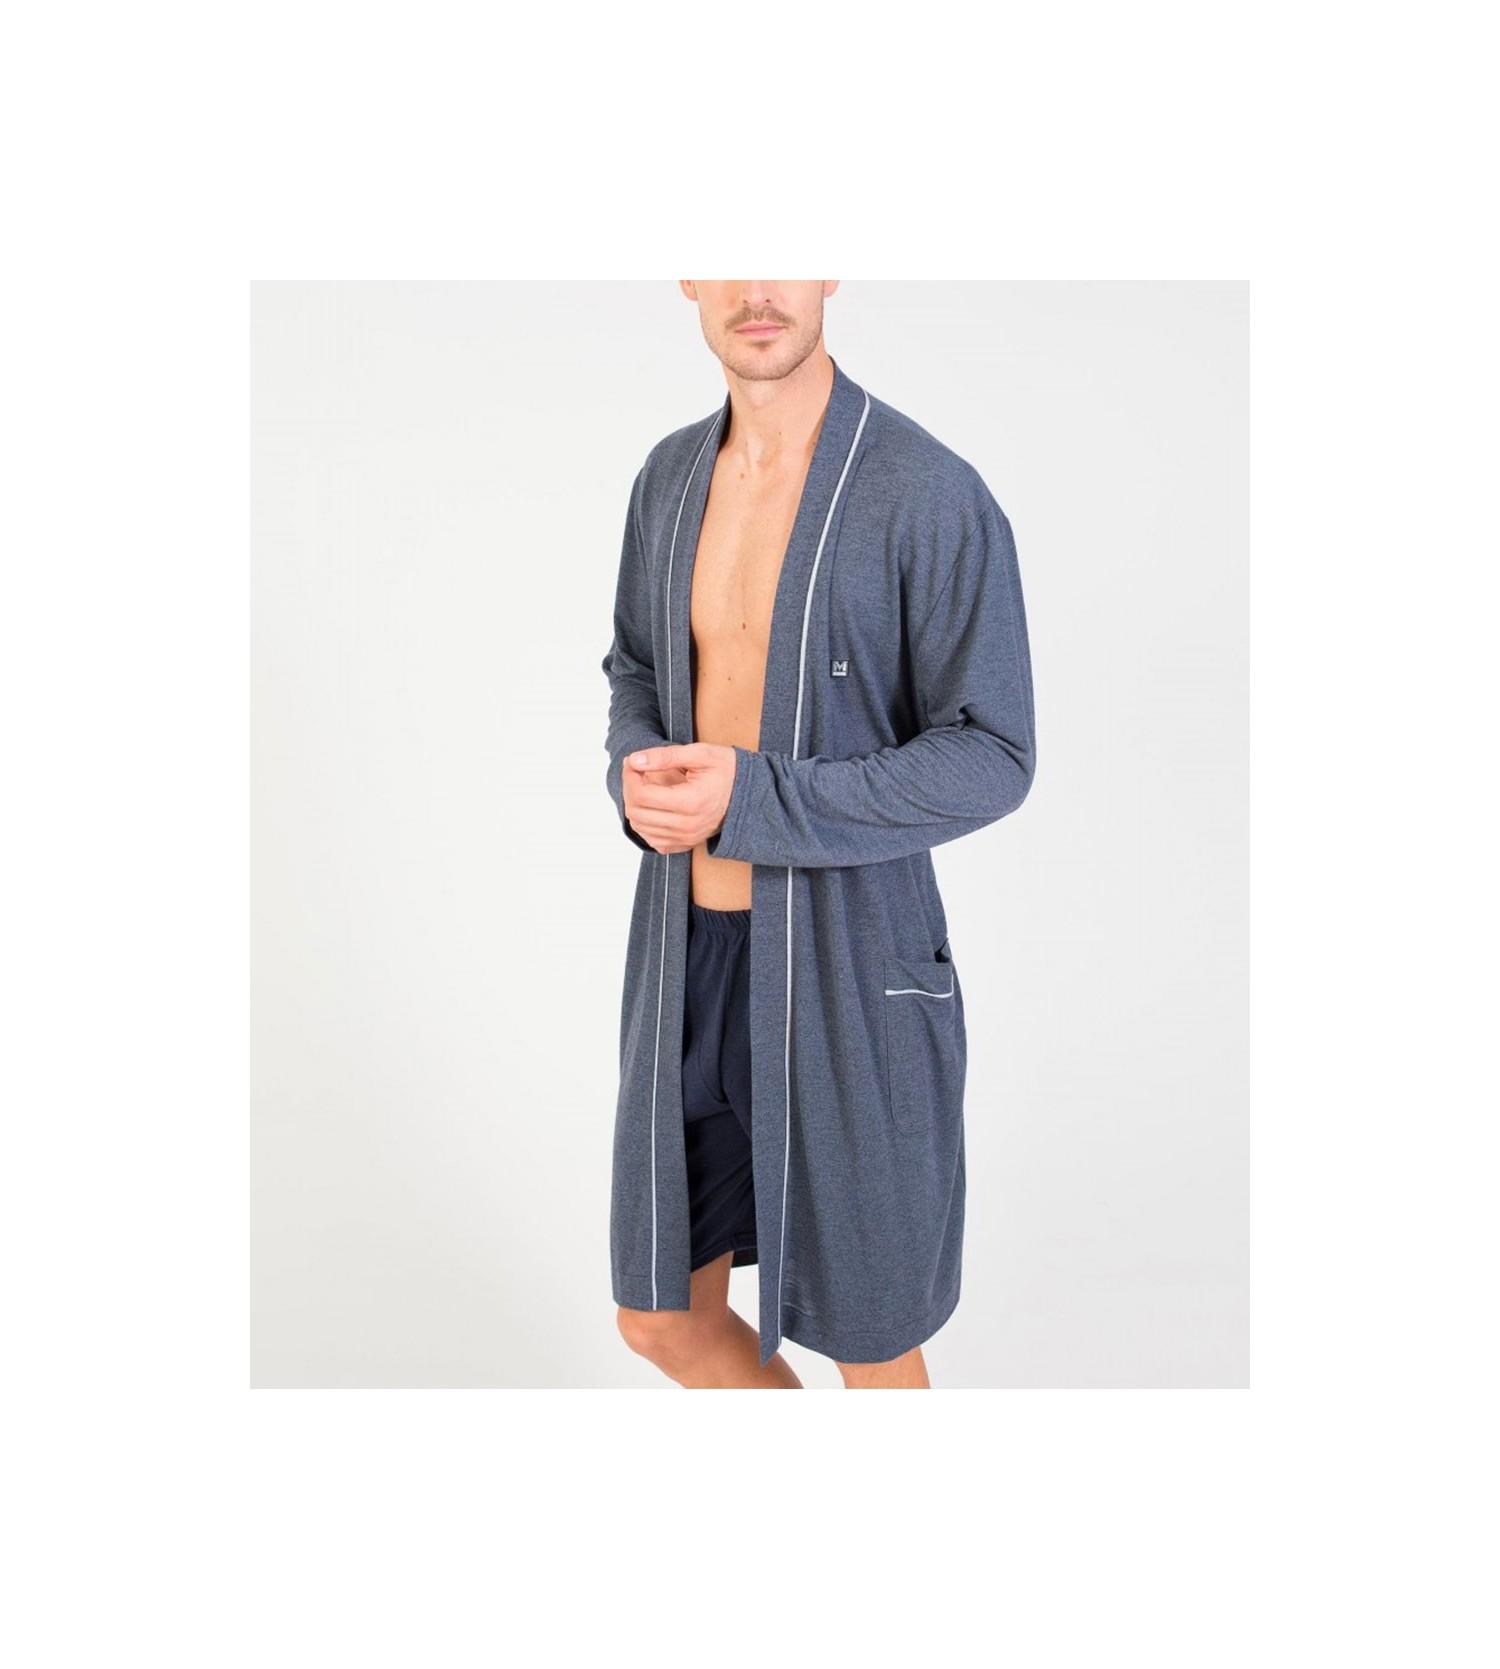 robe de chambre crois e pour homme bleu massana lingerie sipp. Black Bedroom Furniture Sets. Home Design Ideas